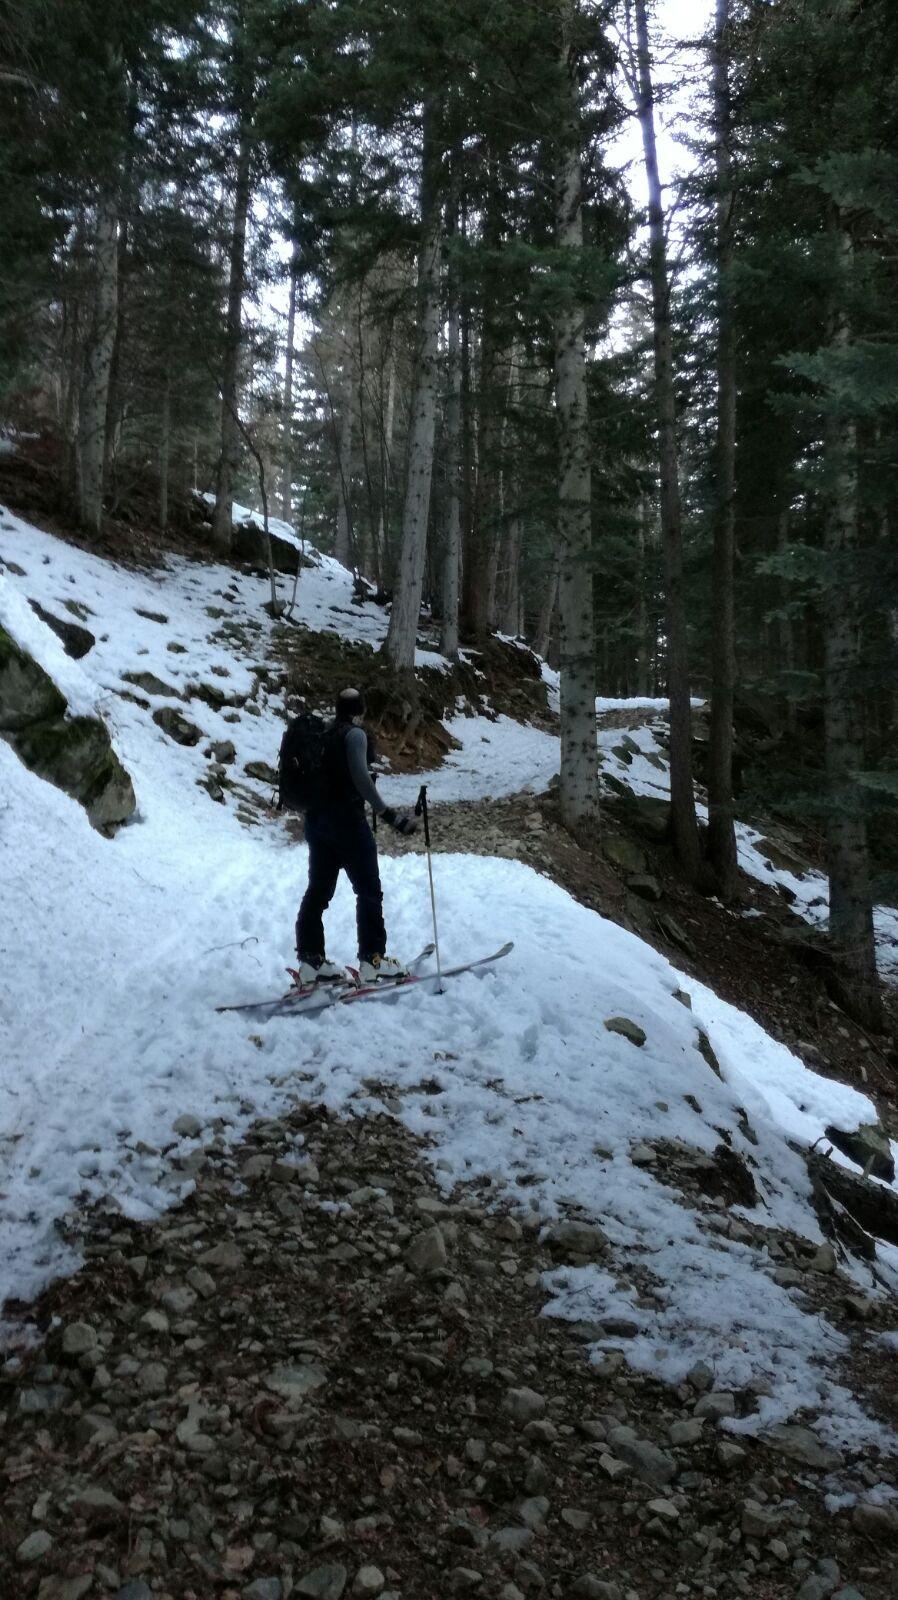 Inizio della salita...alla ricerca della neve sulla strada